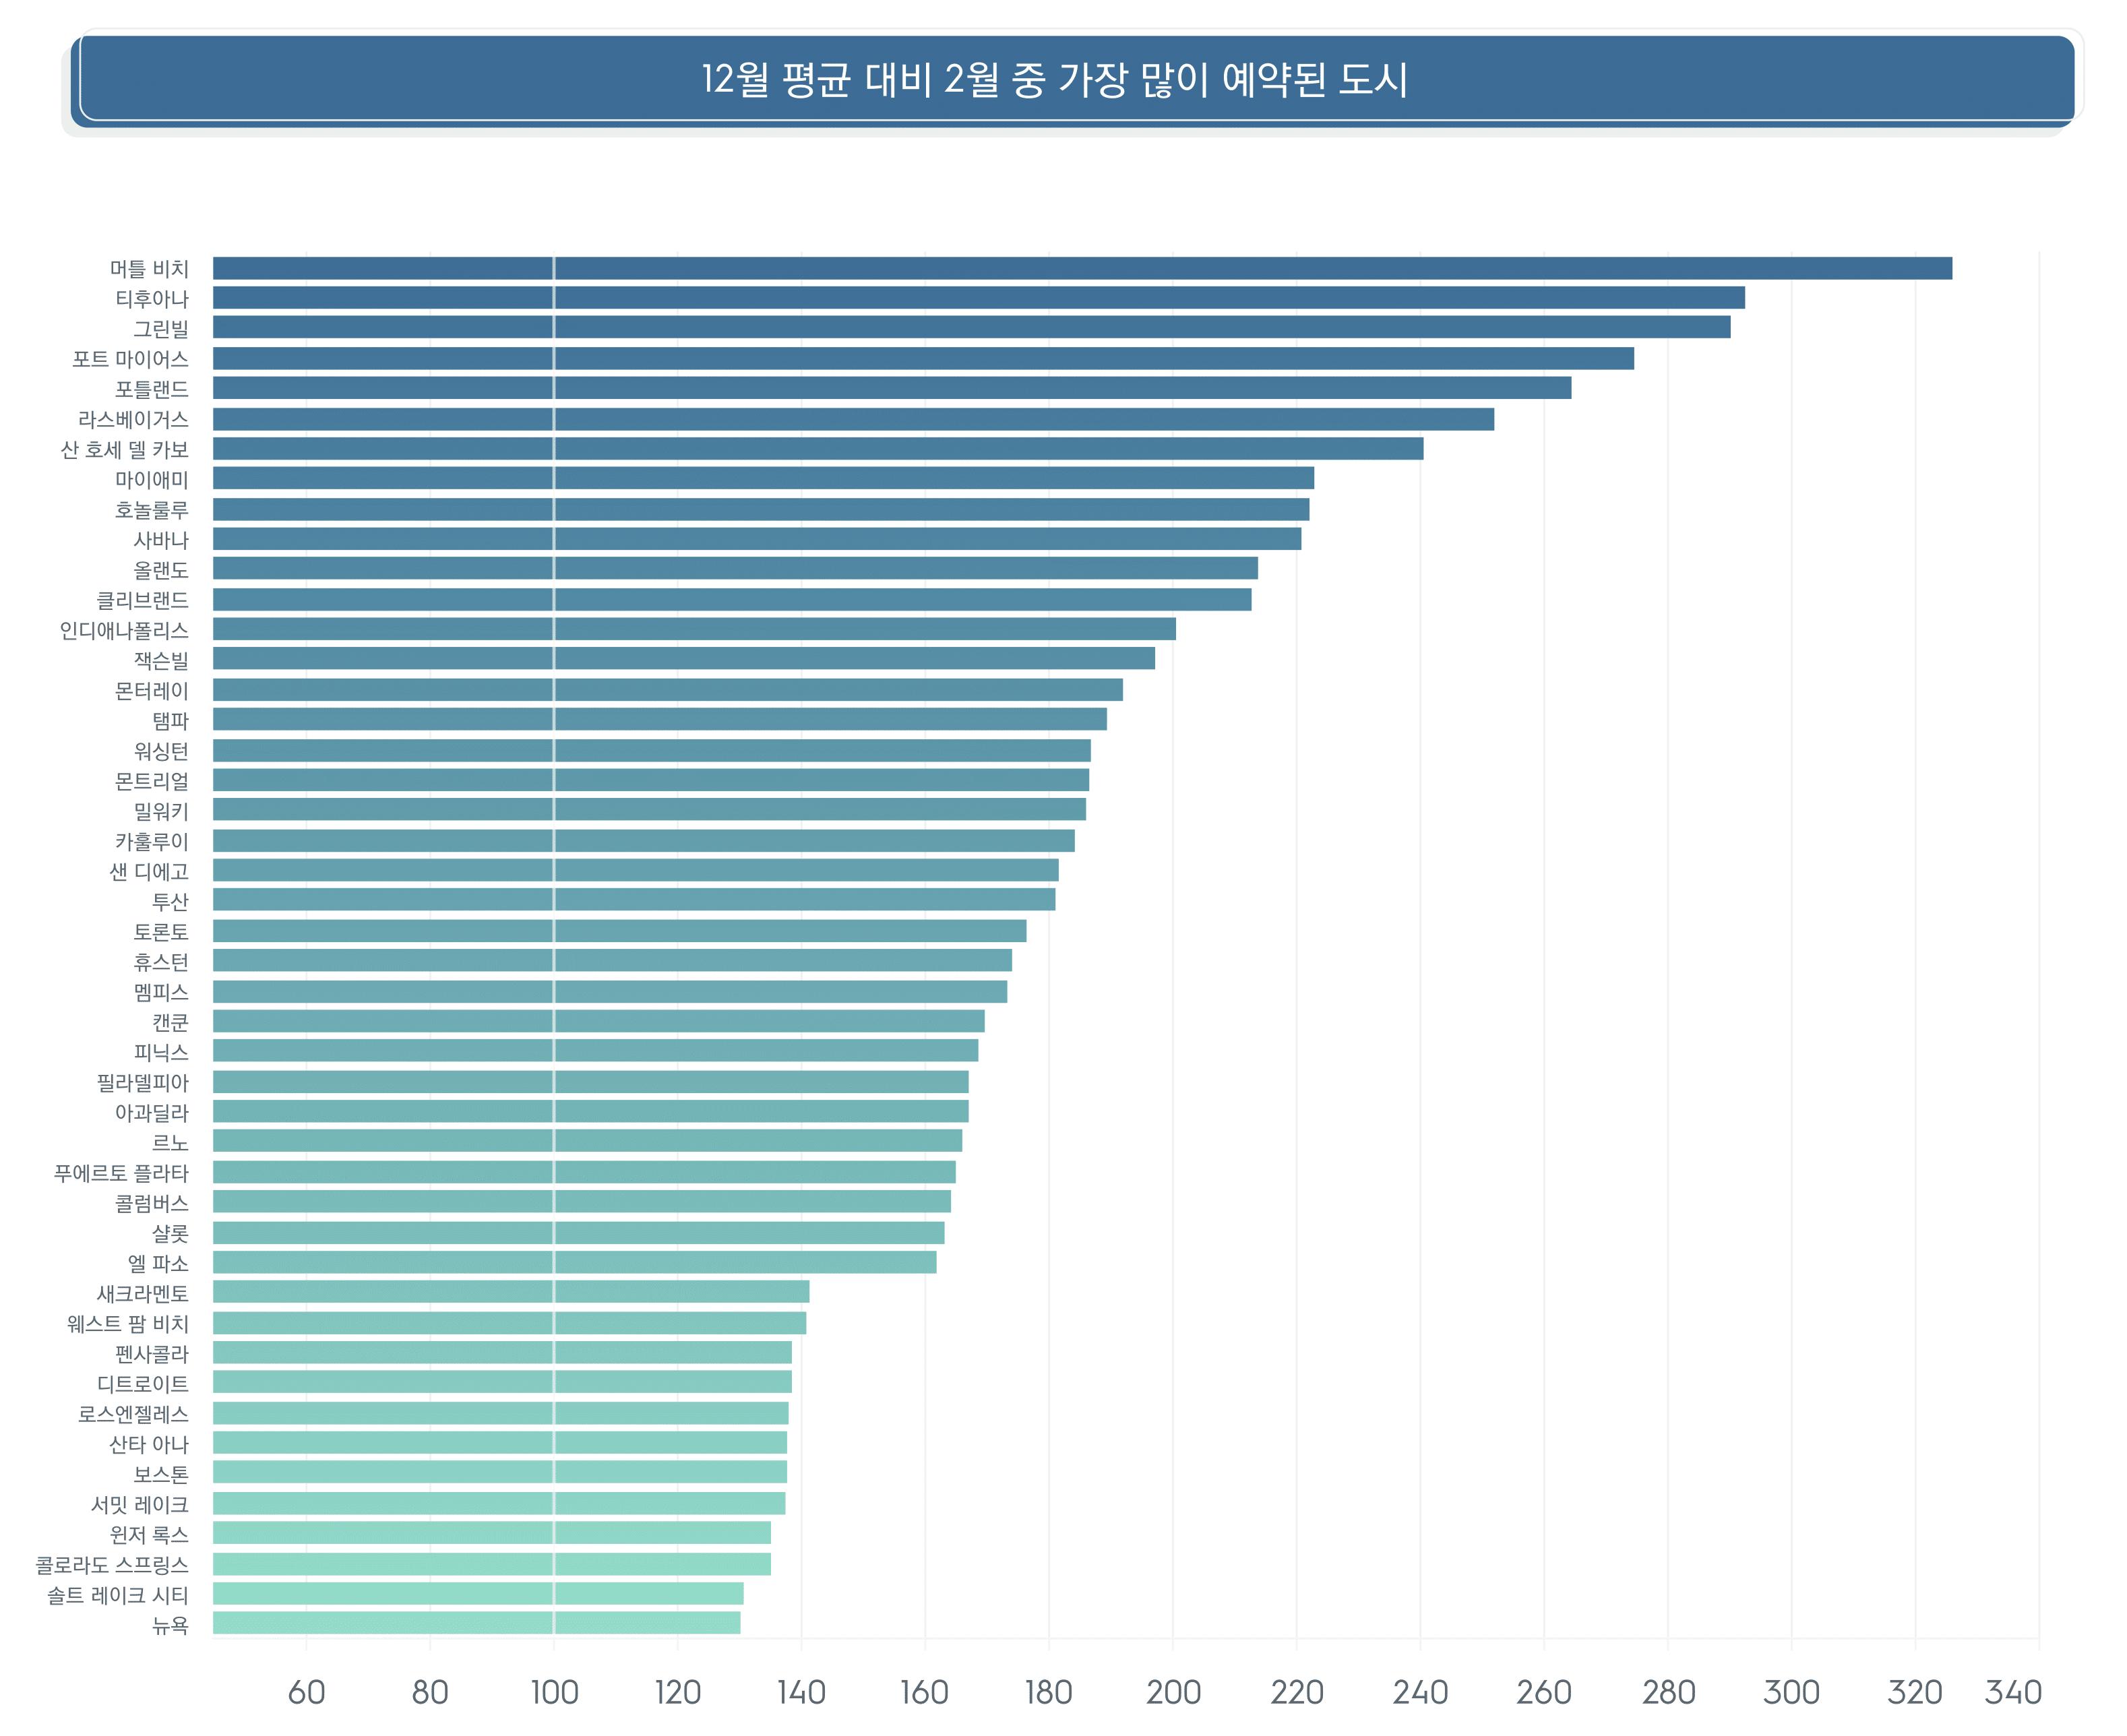 12월 평균 대비 2월 중 가장 많이 예약된 도시